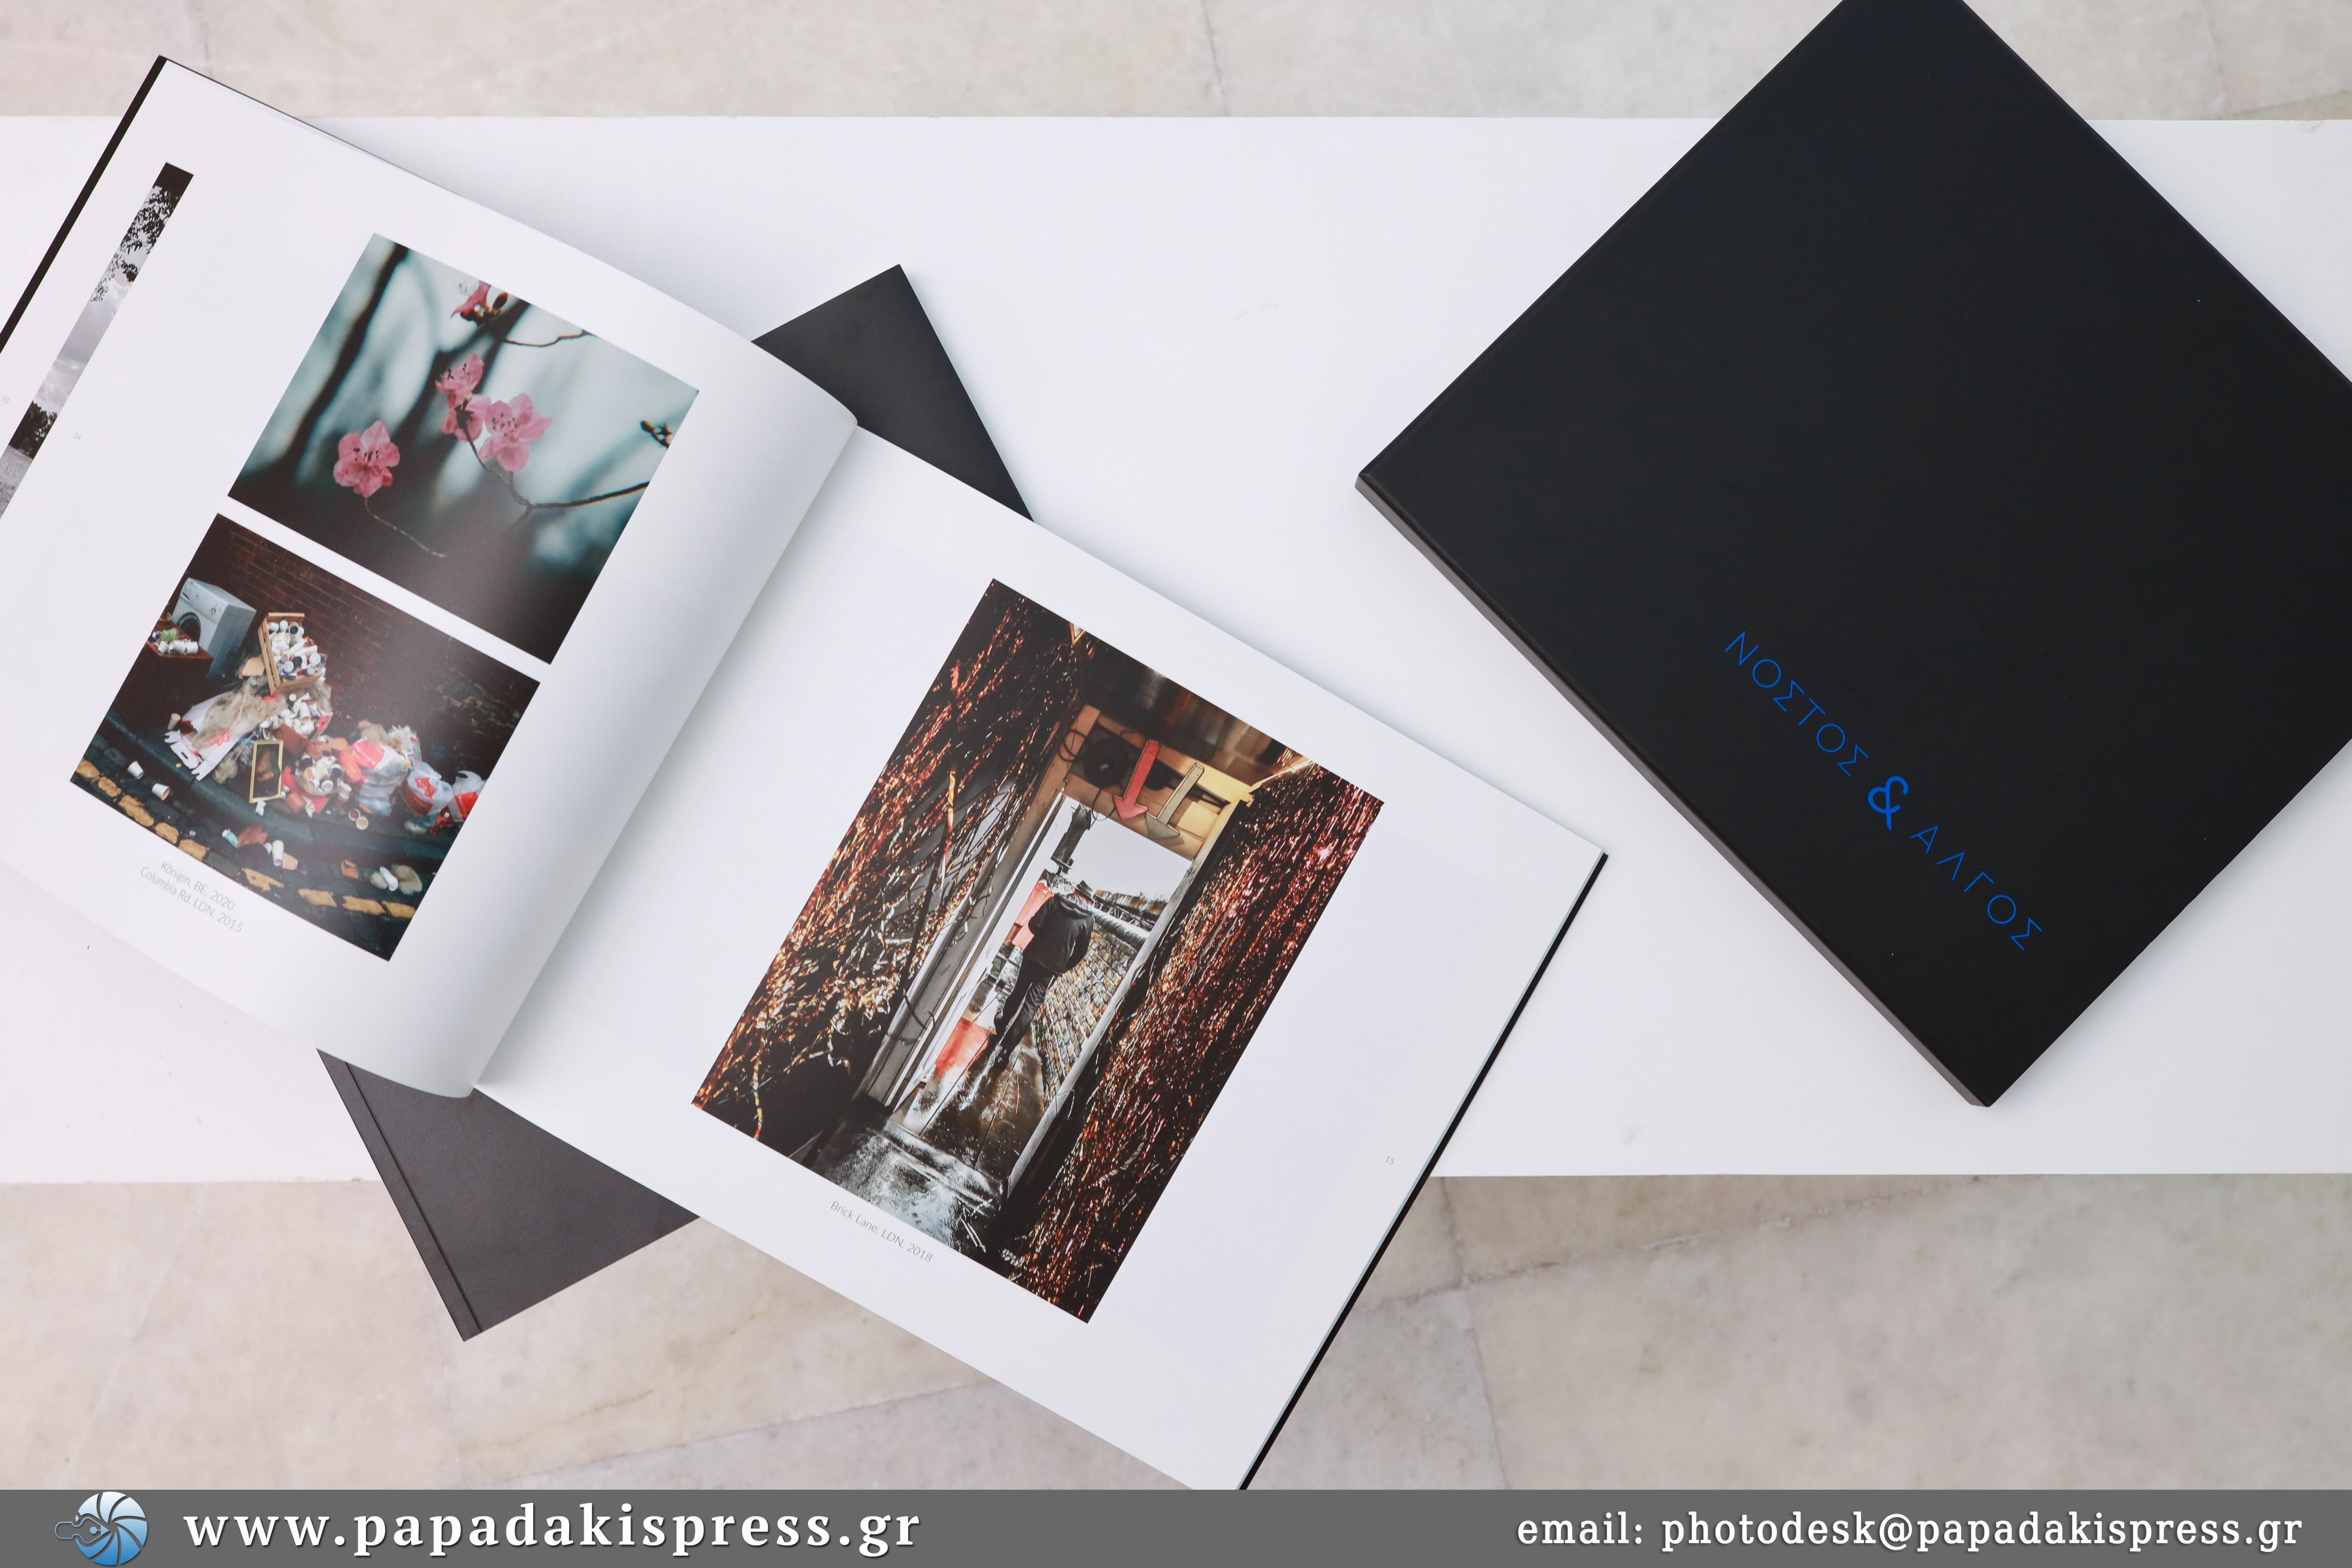 Εγκαίνια της έκθεσης φωτογραφίας «Νόστος & Άλγος» @Γκαλερί Ζουμπουλάκη 3